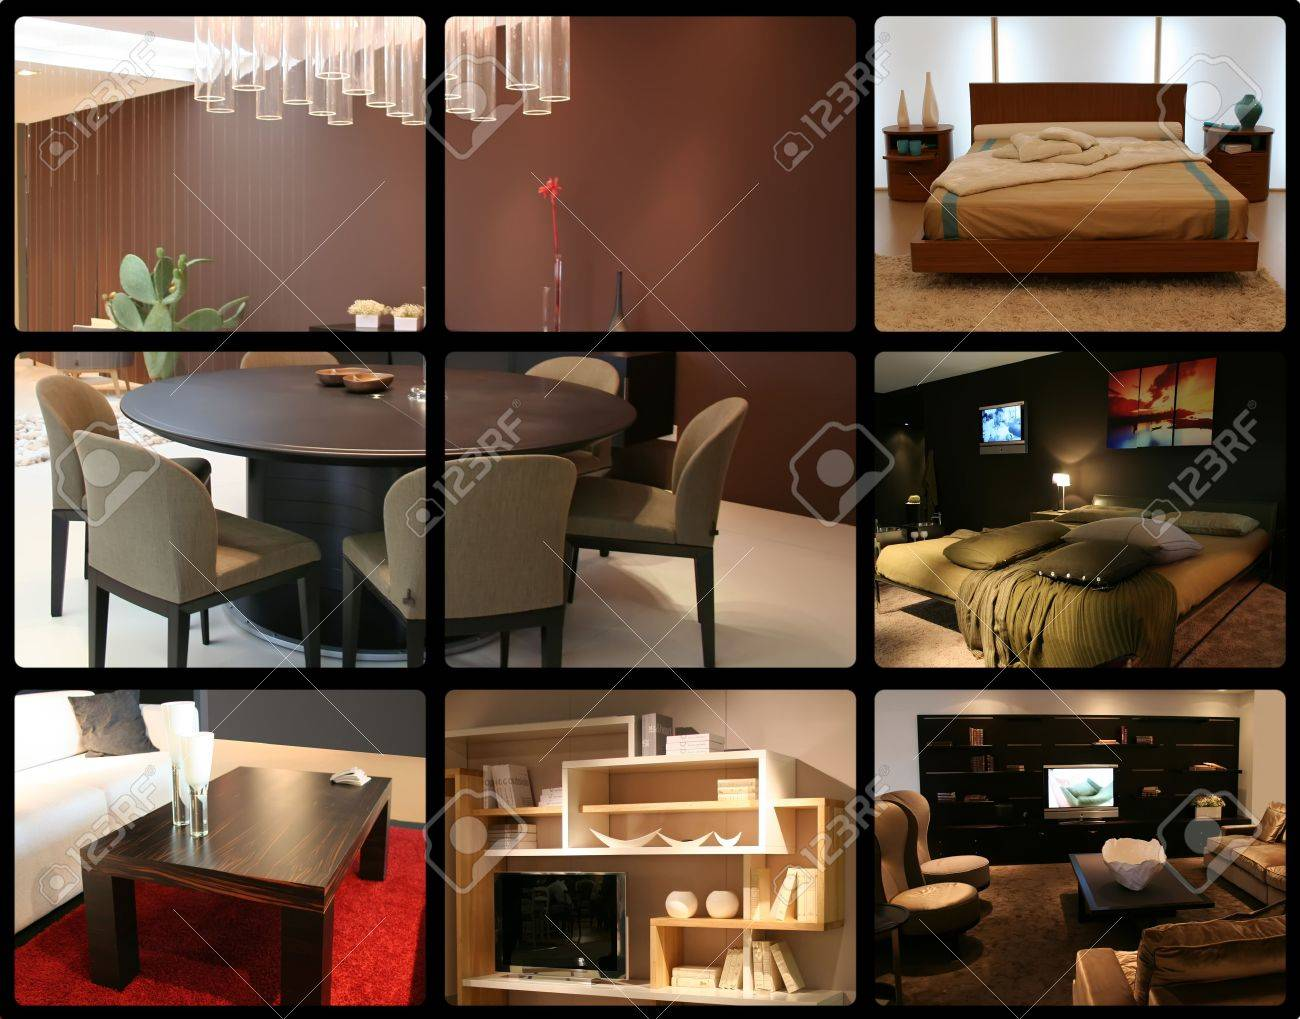 Slaapkamer en woonkamer decoratie ideeën interieur royalty vrije